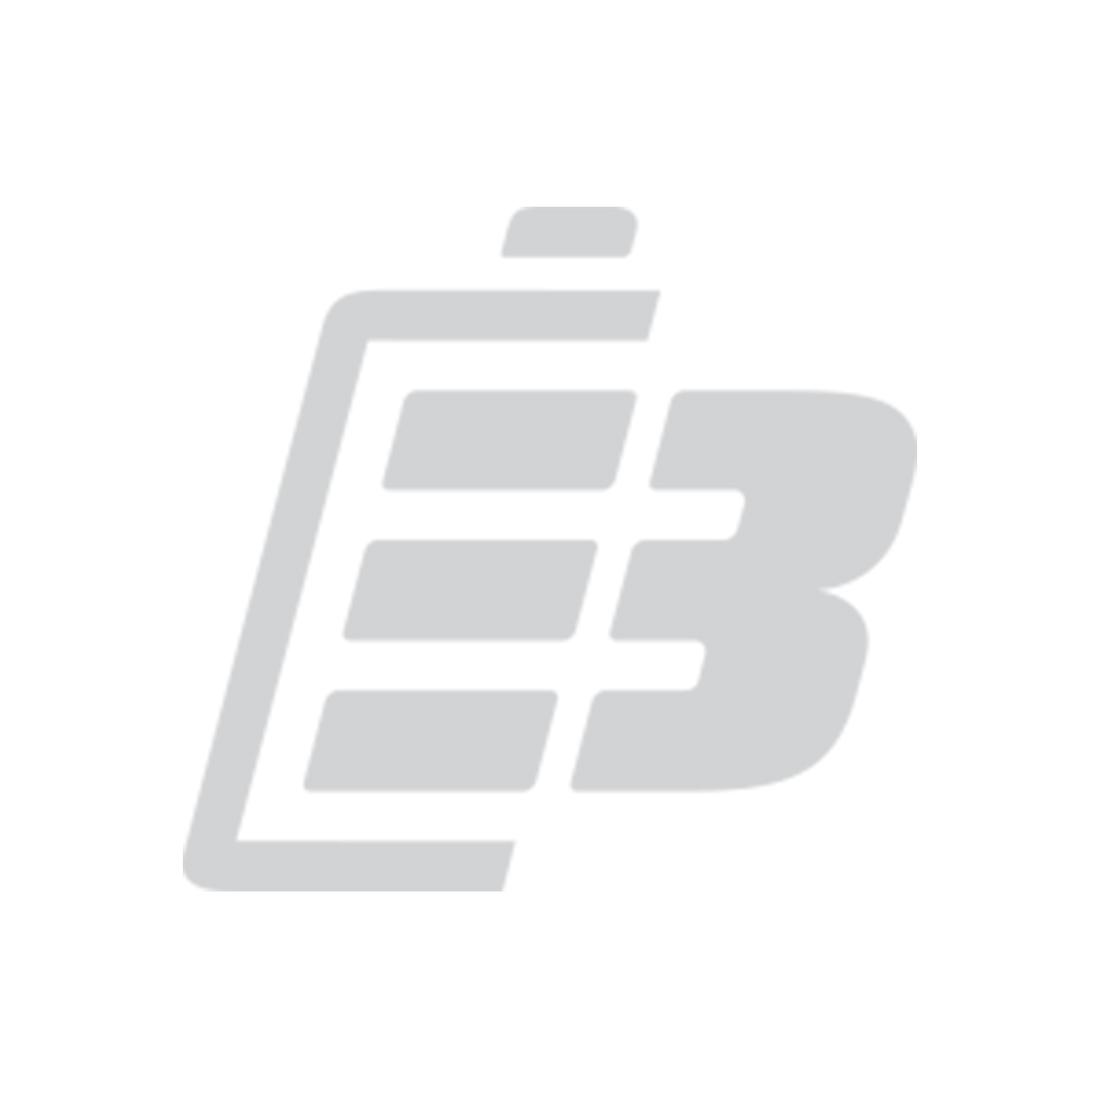 Mobile phone battery Blackberry 8830_1